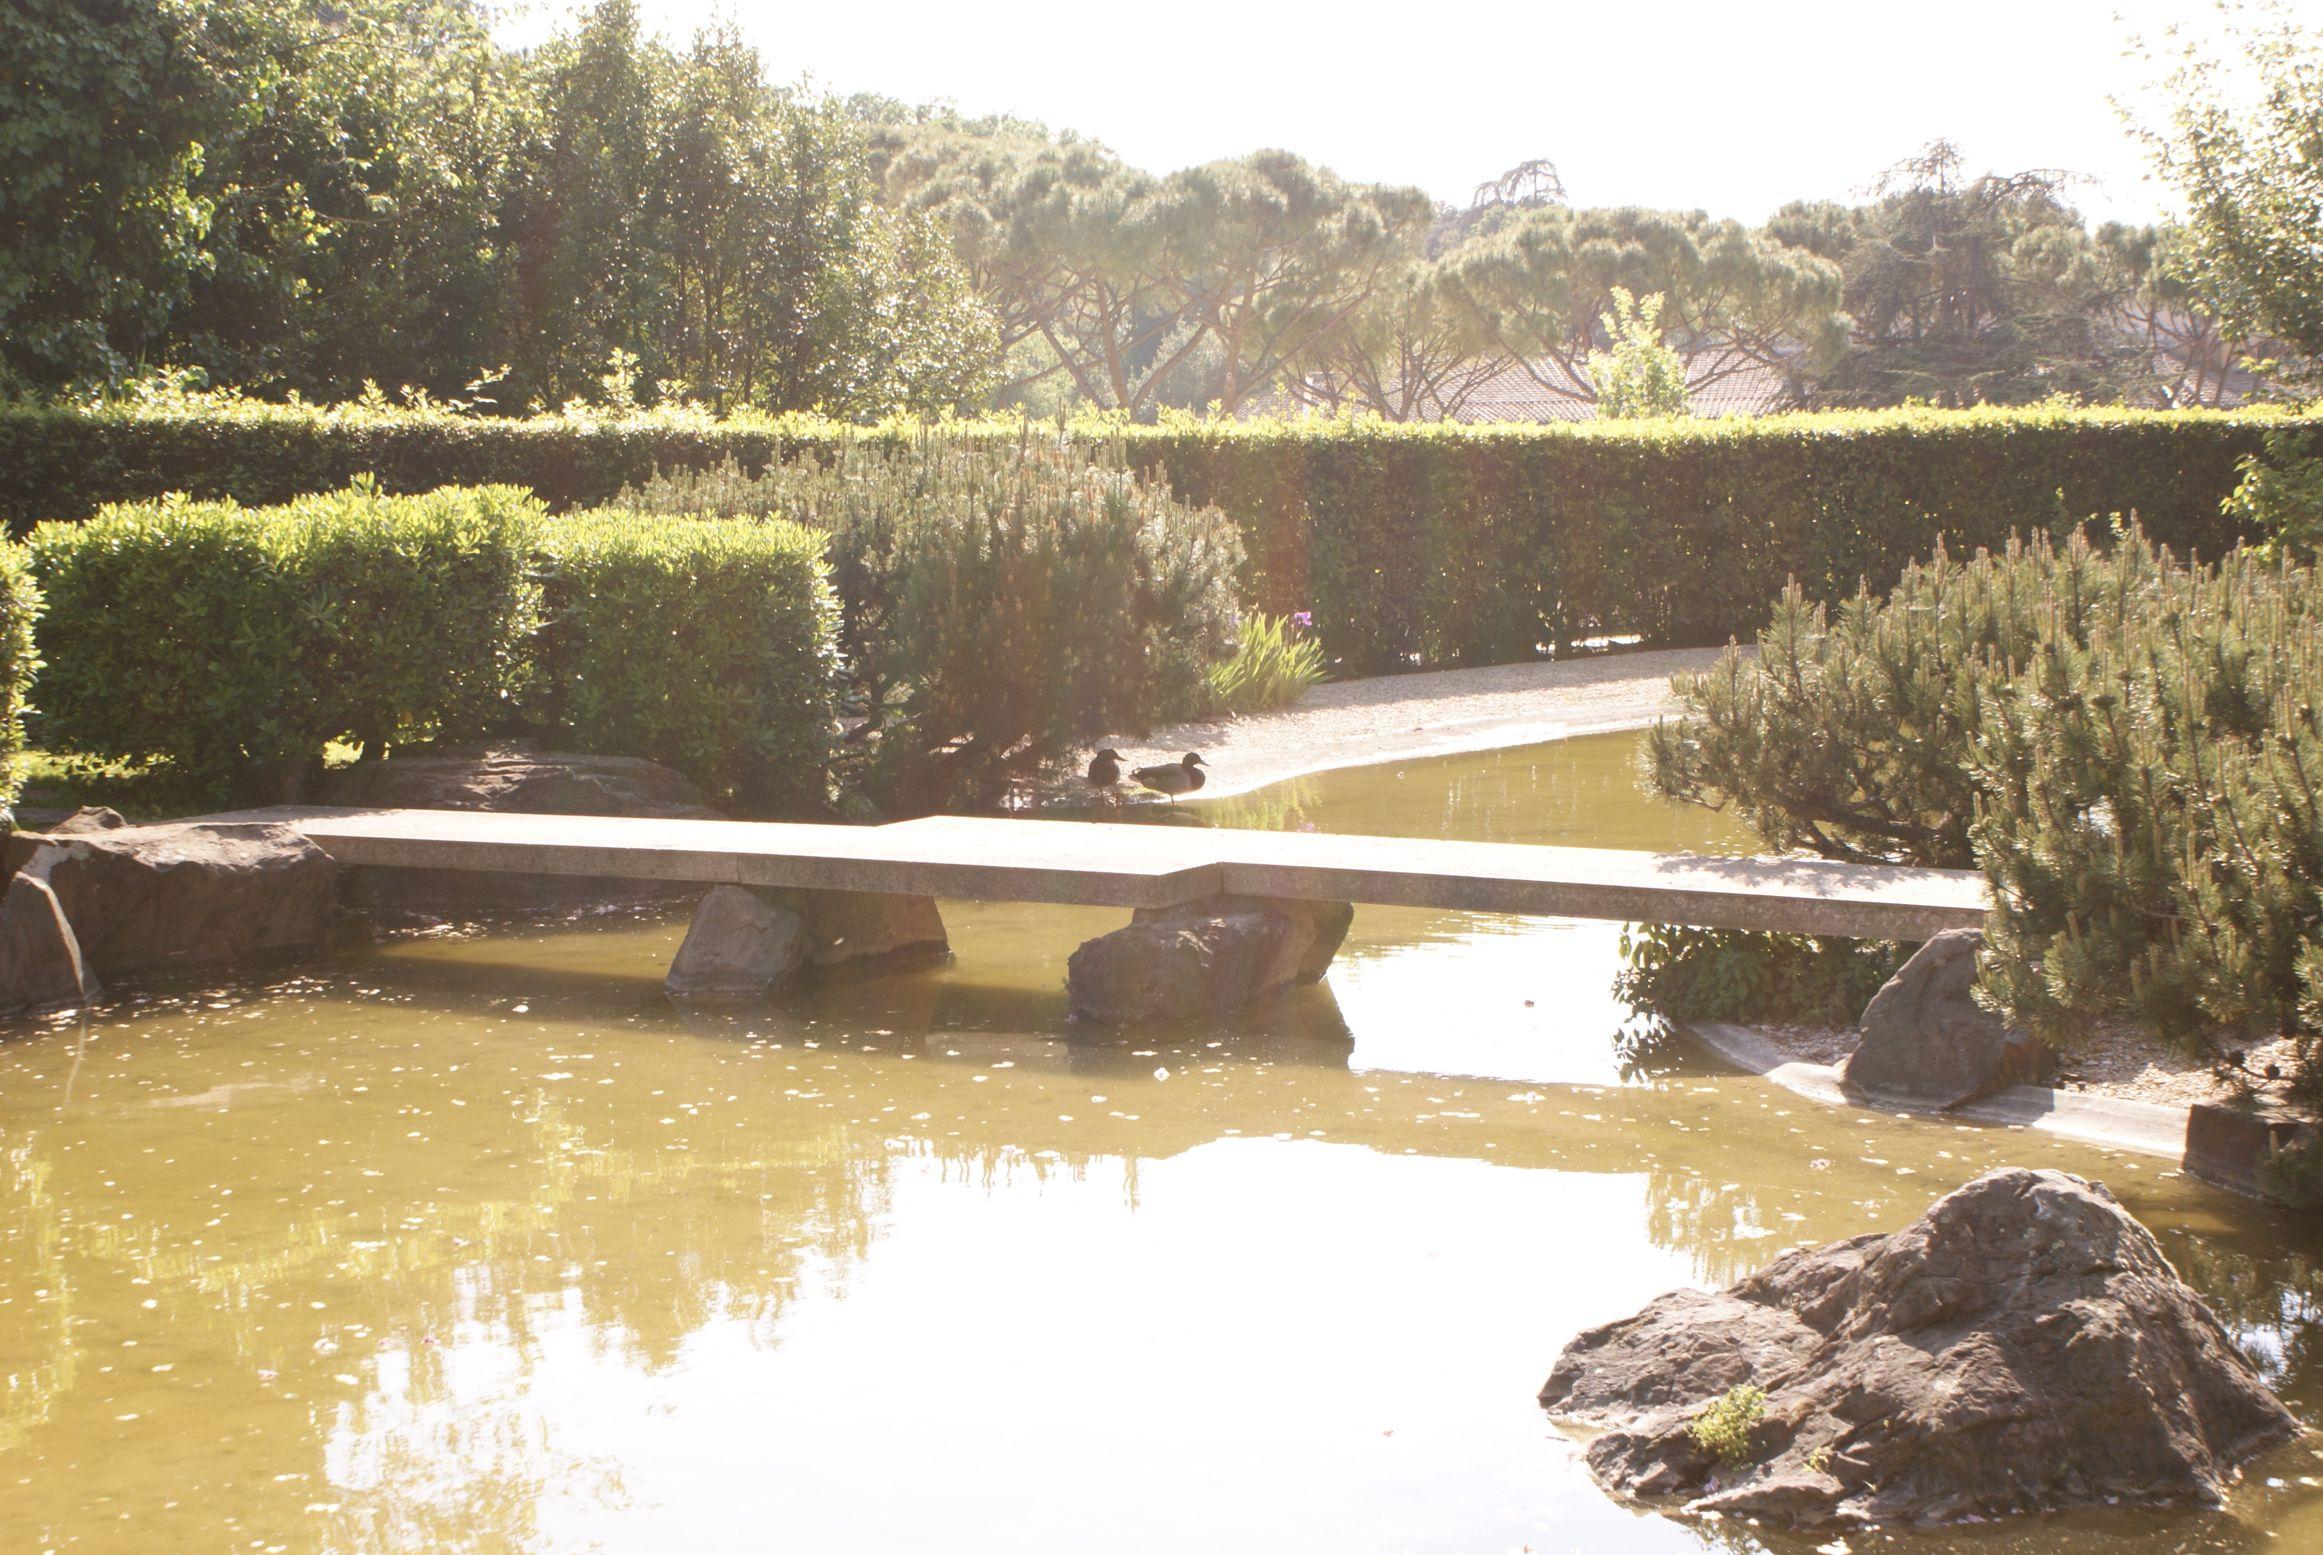 Giardini zen e l 39 universita 39 del bonsai il giappone in - Piccolo giardino giapponese ...